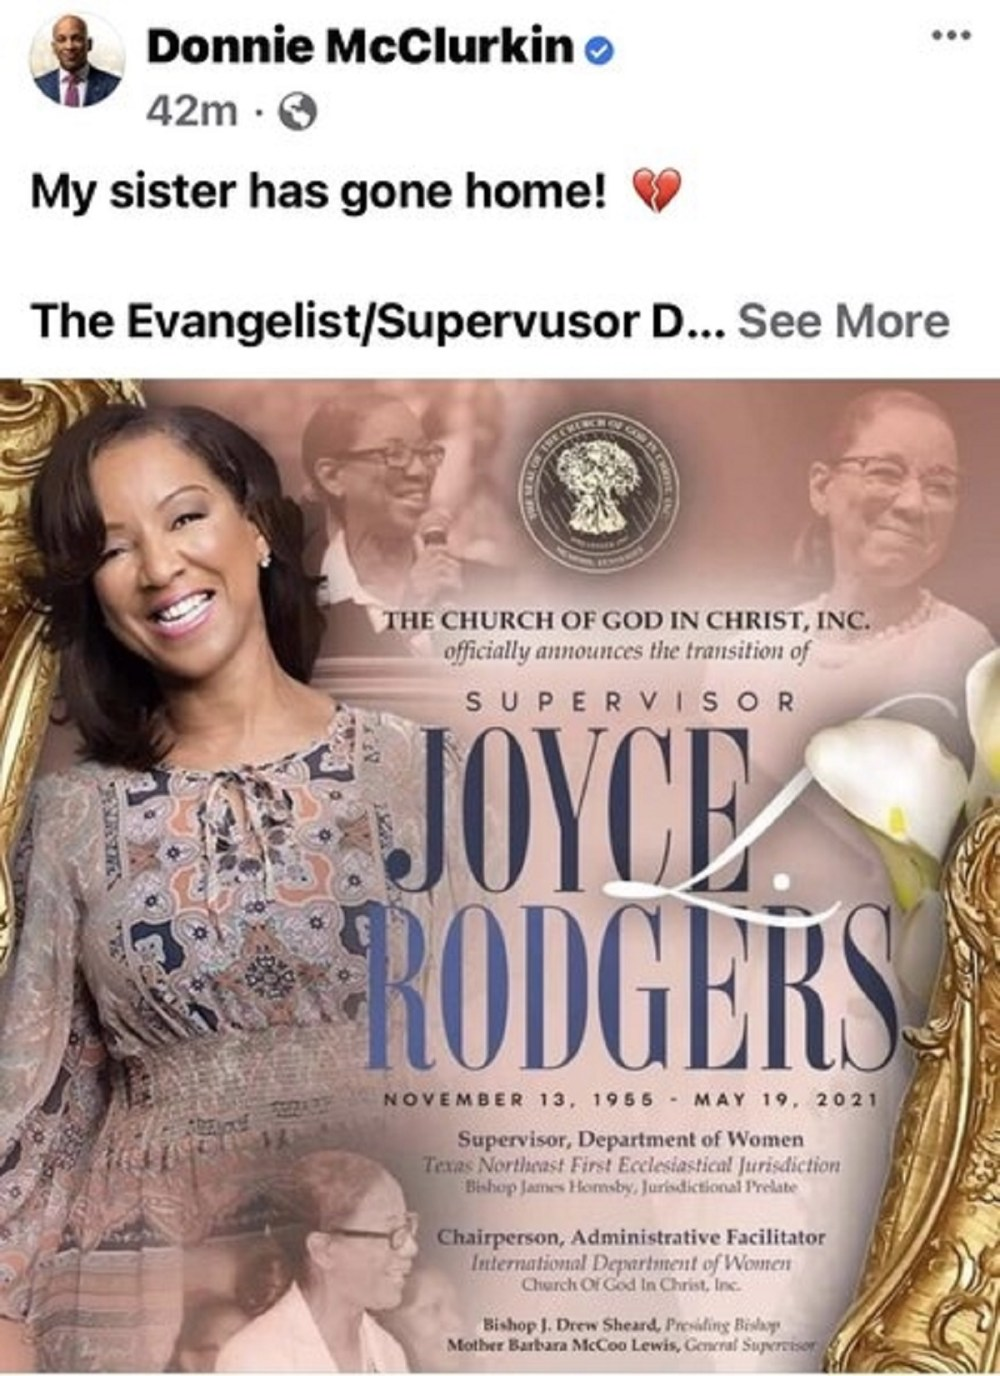 Joyce Rodgers dead